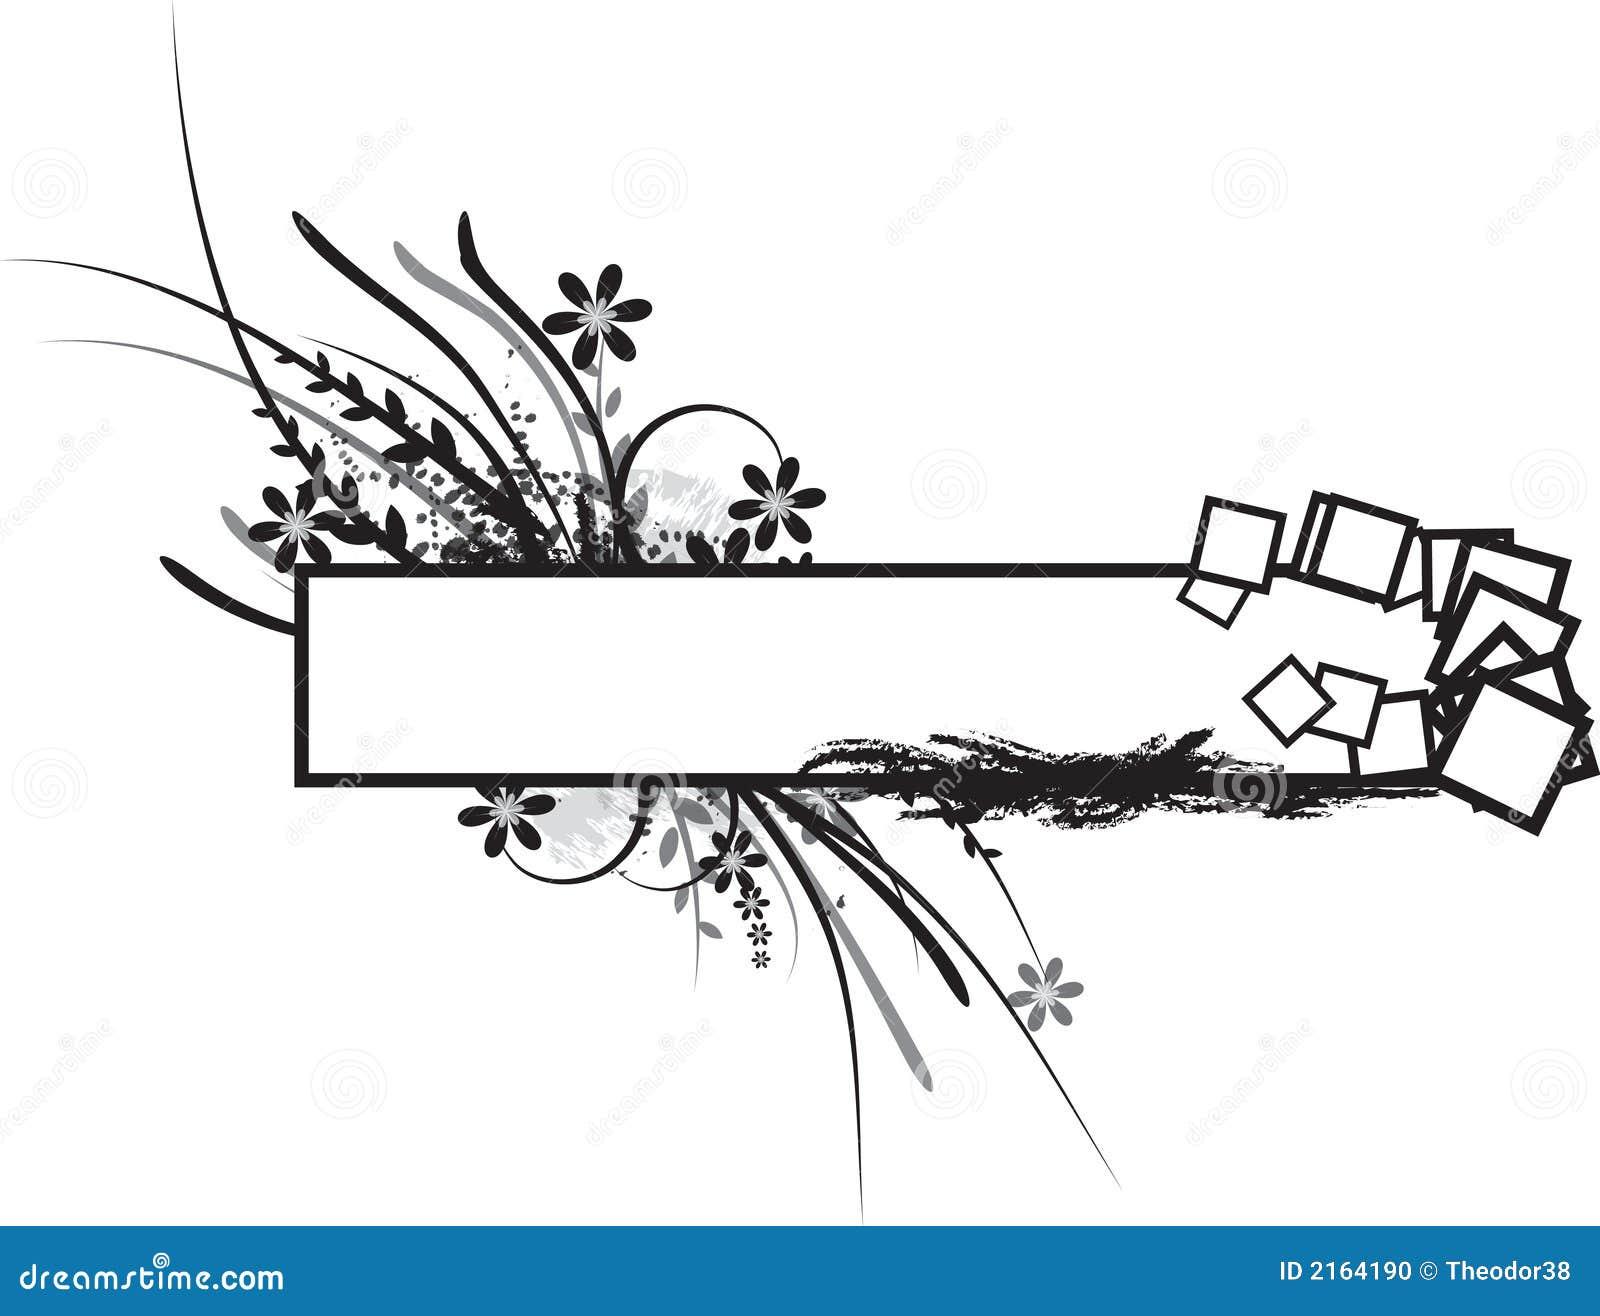 Ilustración floral